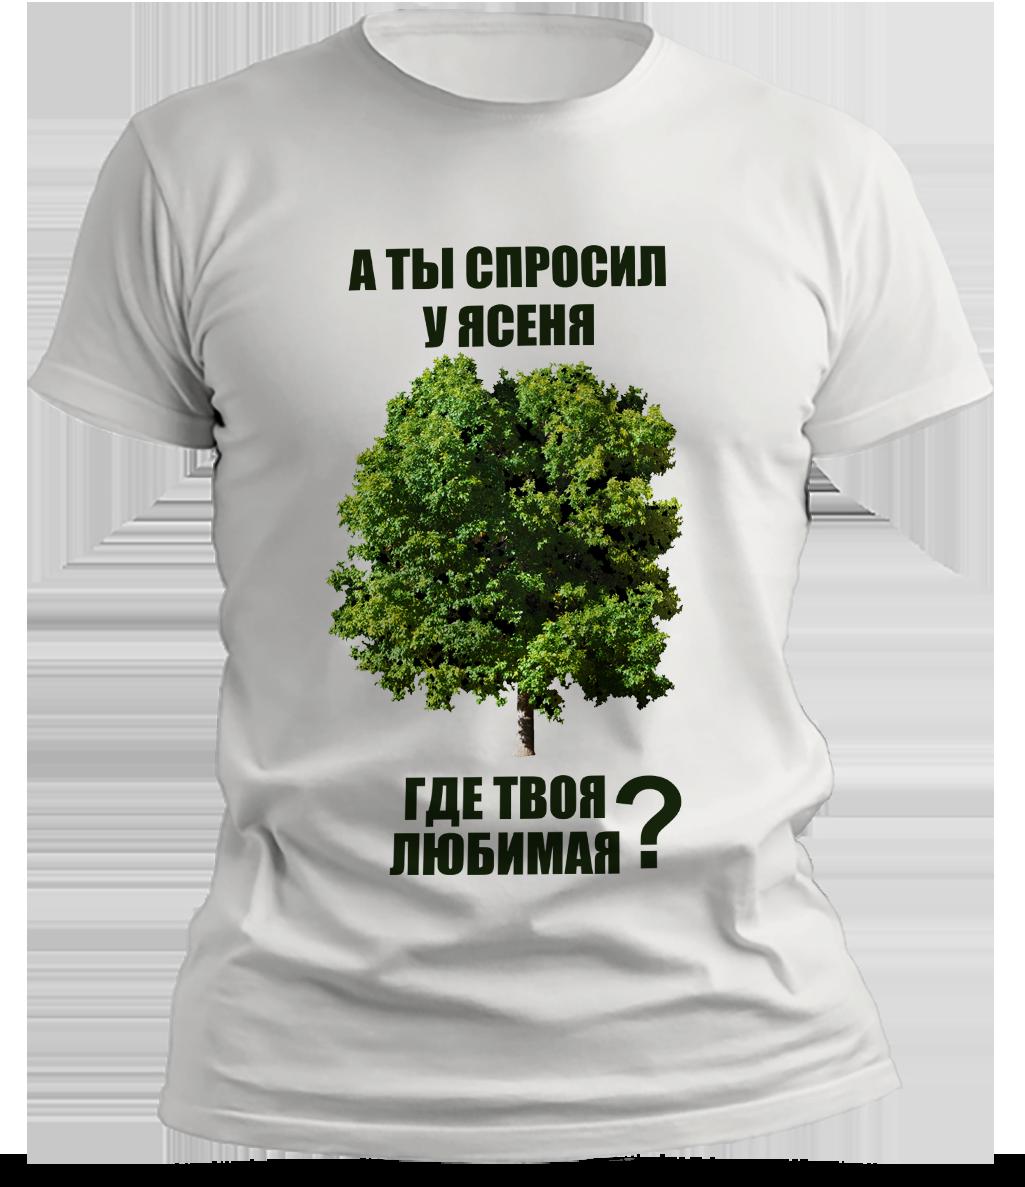 Футболка Мужская Ясень.